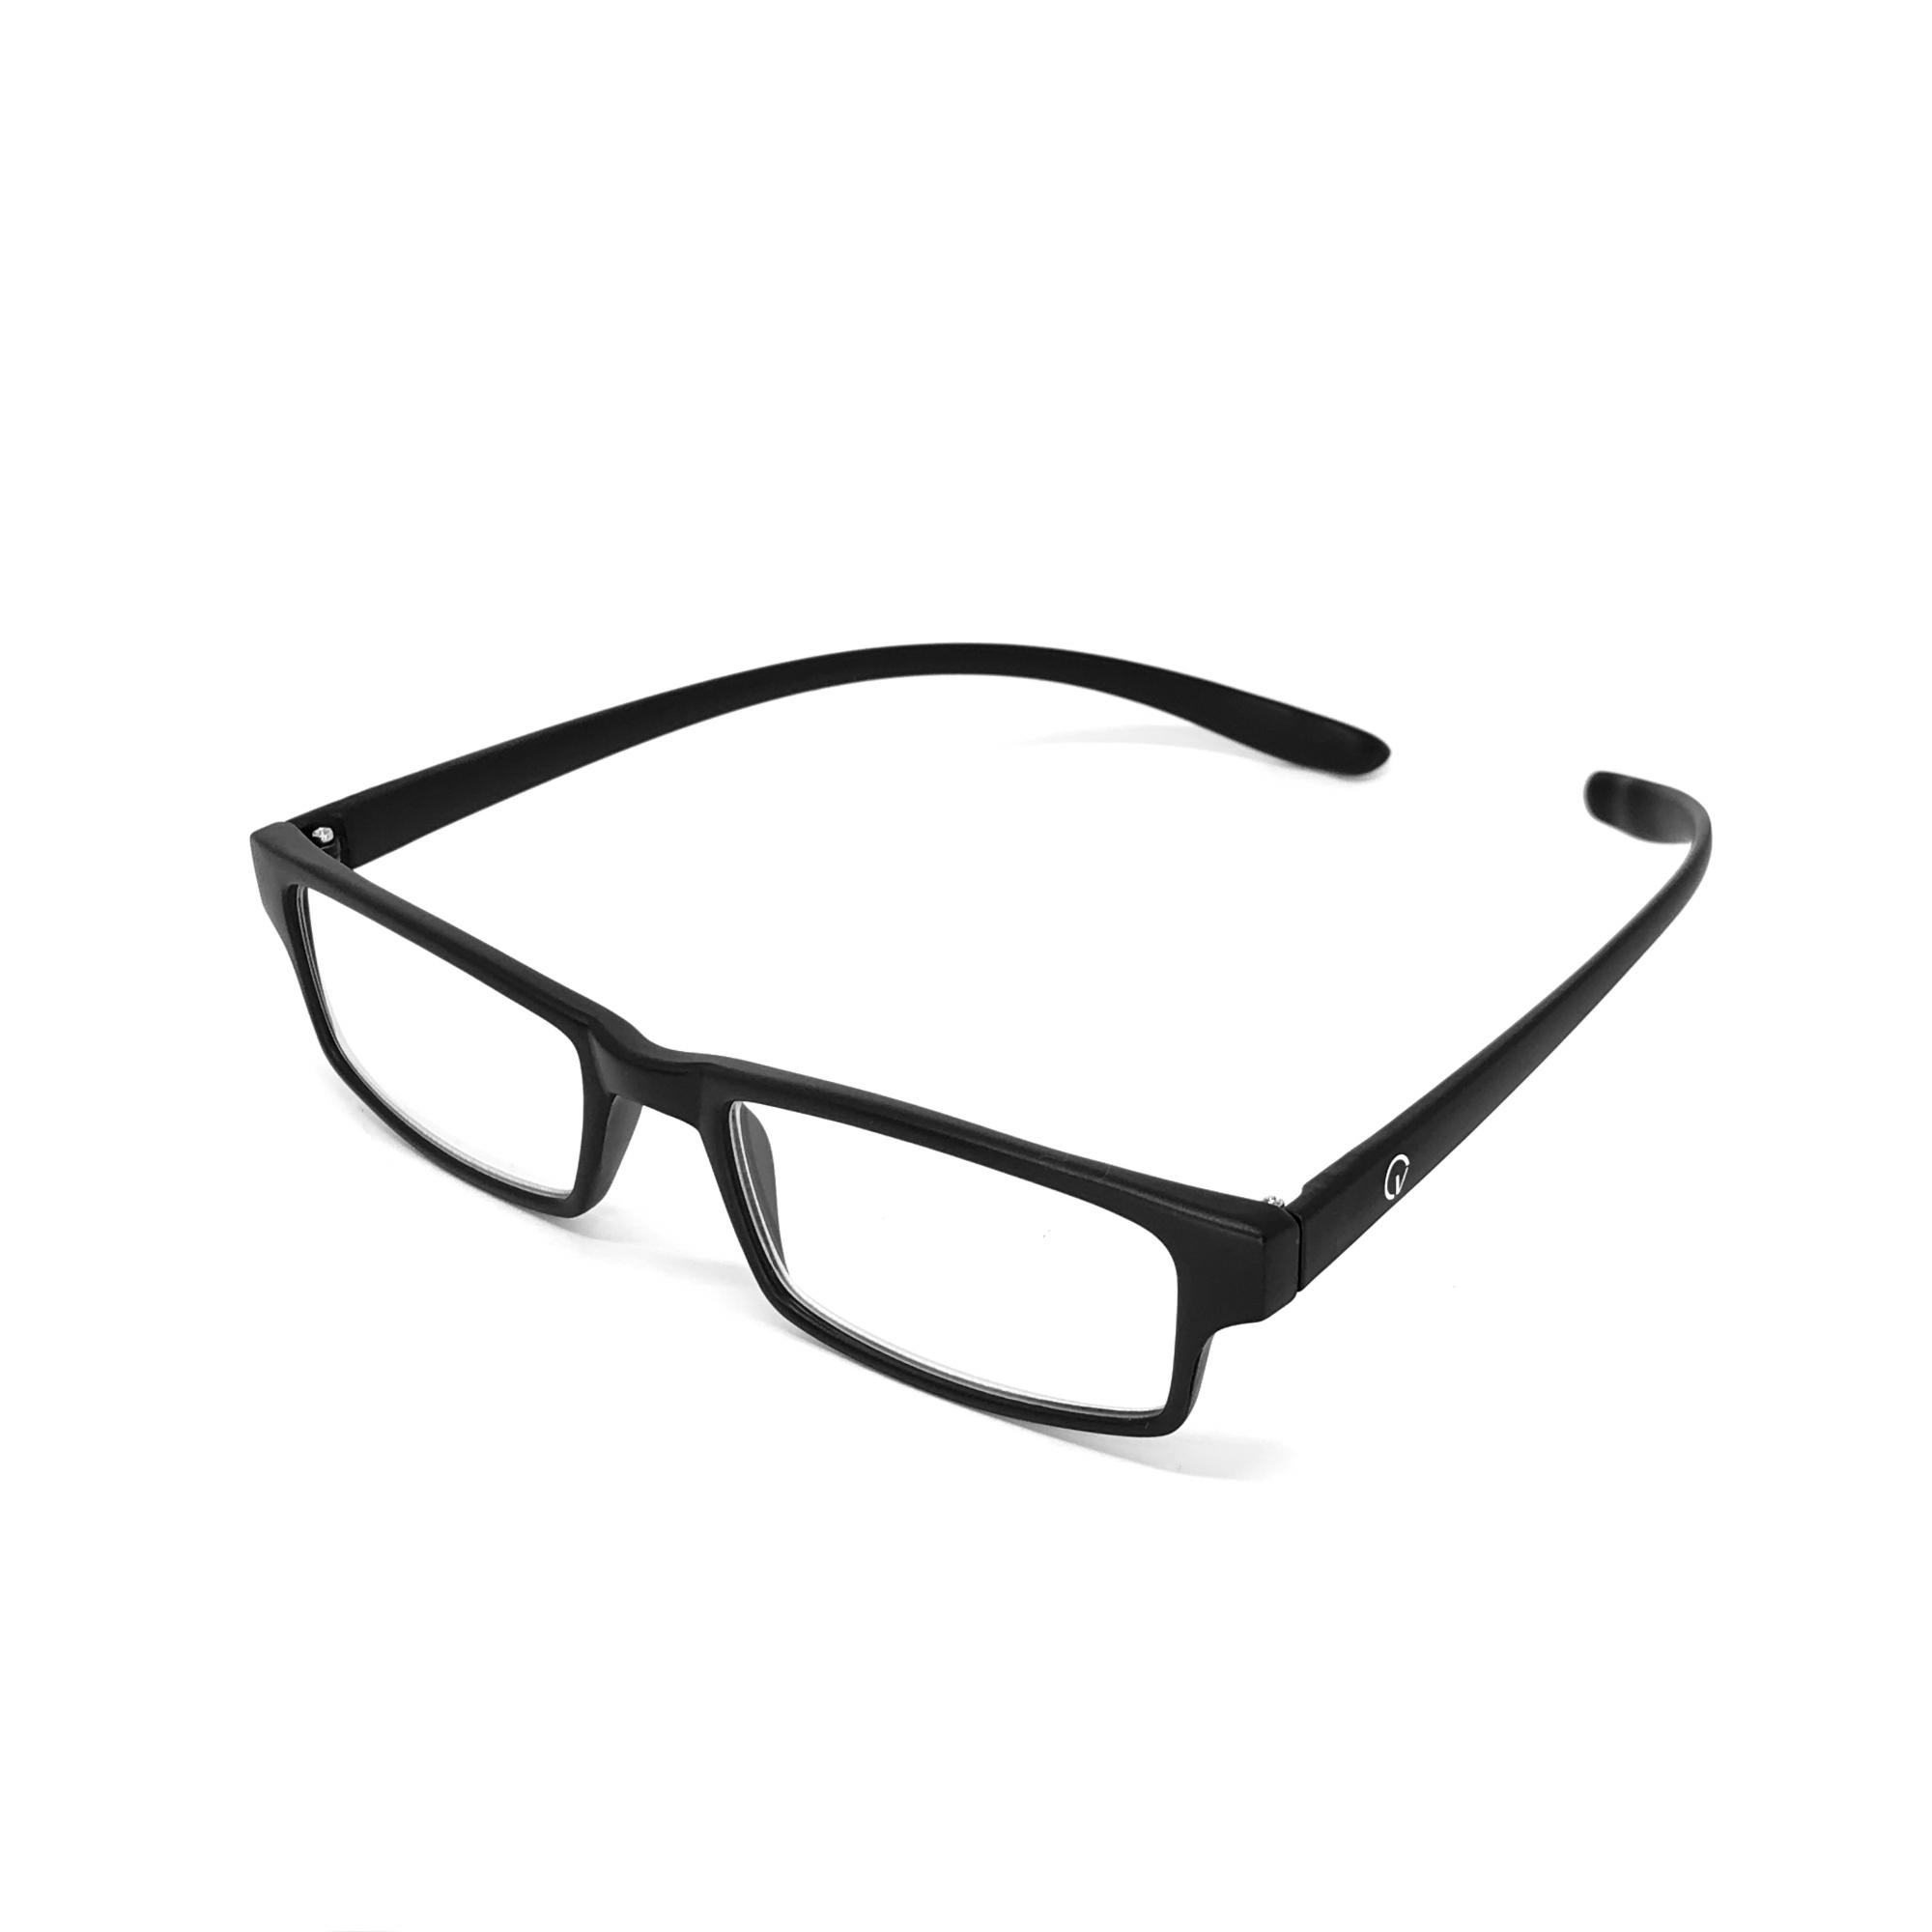 0869011 - Óculos Leitura Retangular Preto +1,00 Mod AR5087A - Contém 1 Peça